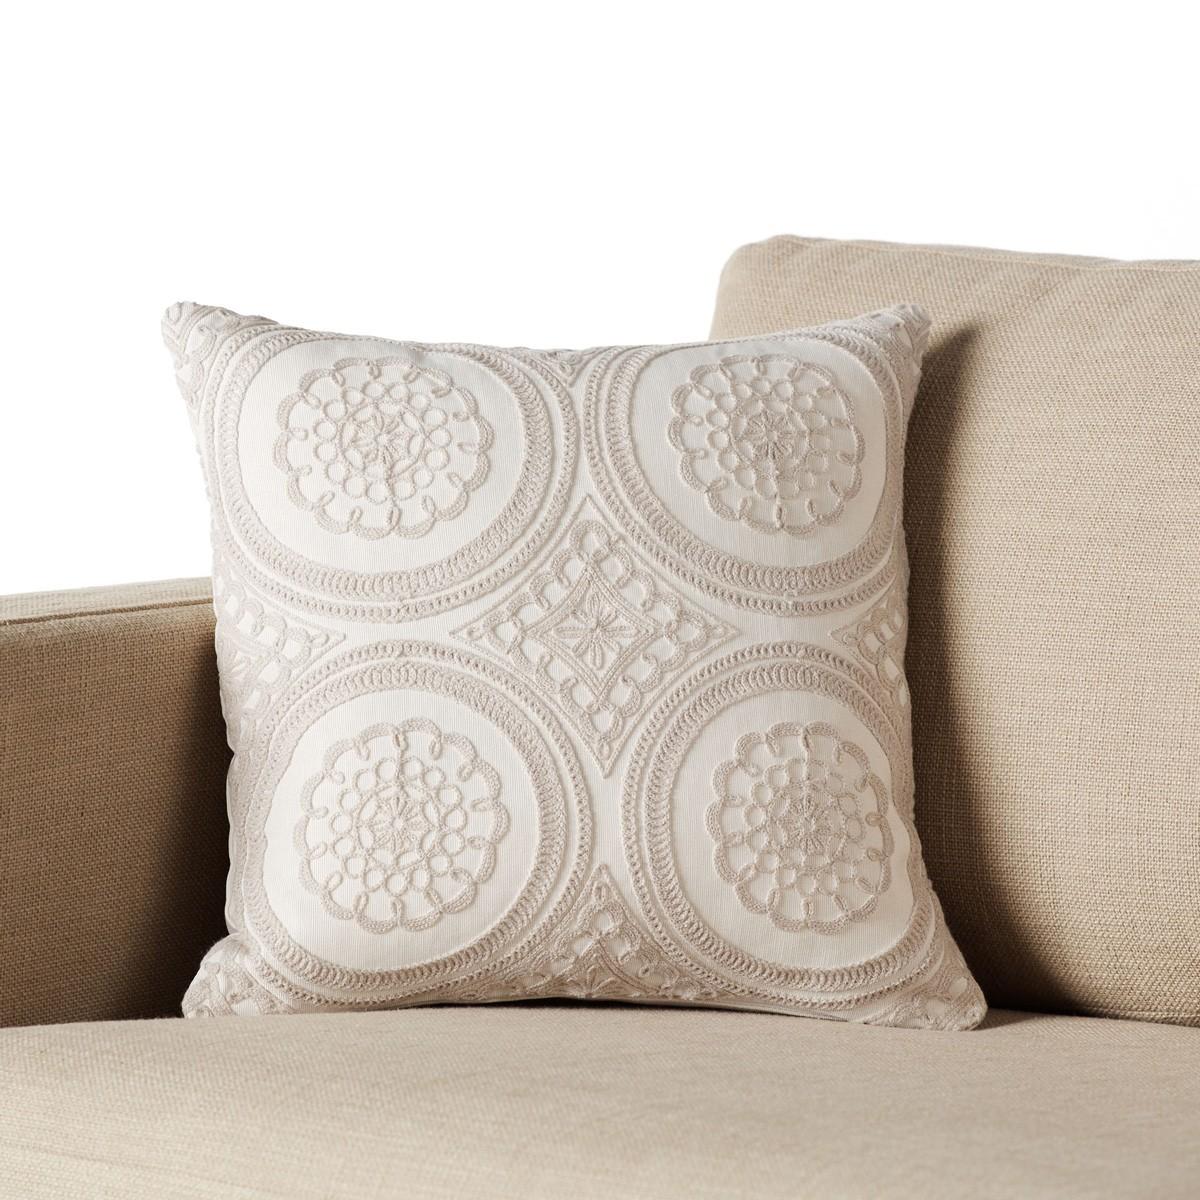 Διακοσμητική Μαξιλαροθήκη Gofis Home Mandala Silver 297/15